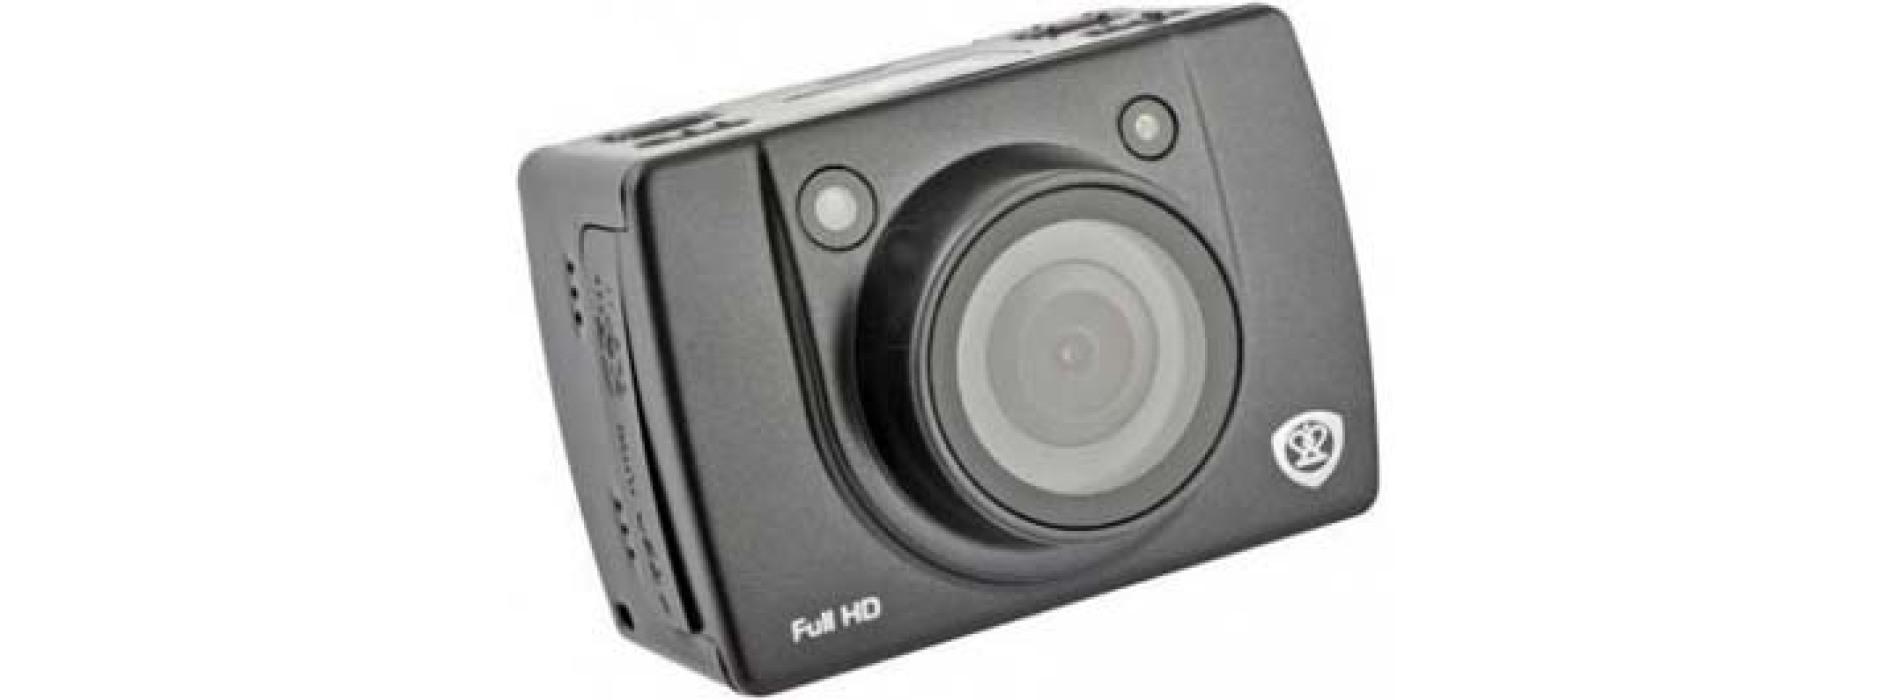 Ремонт экшн камер Prestigio